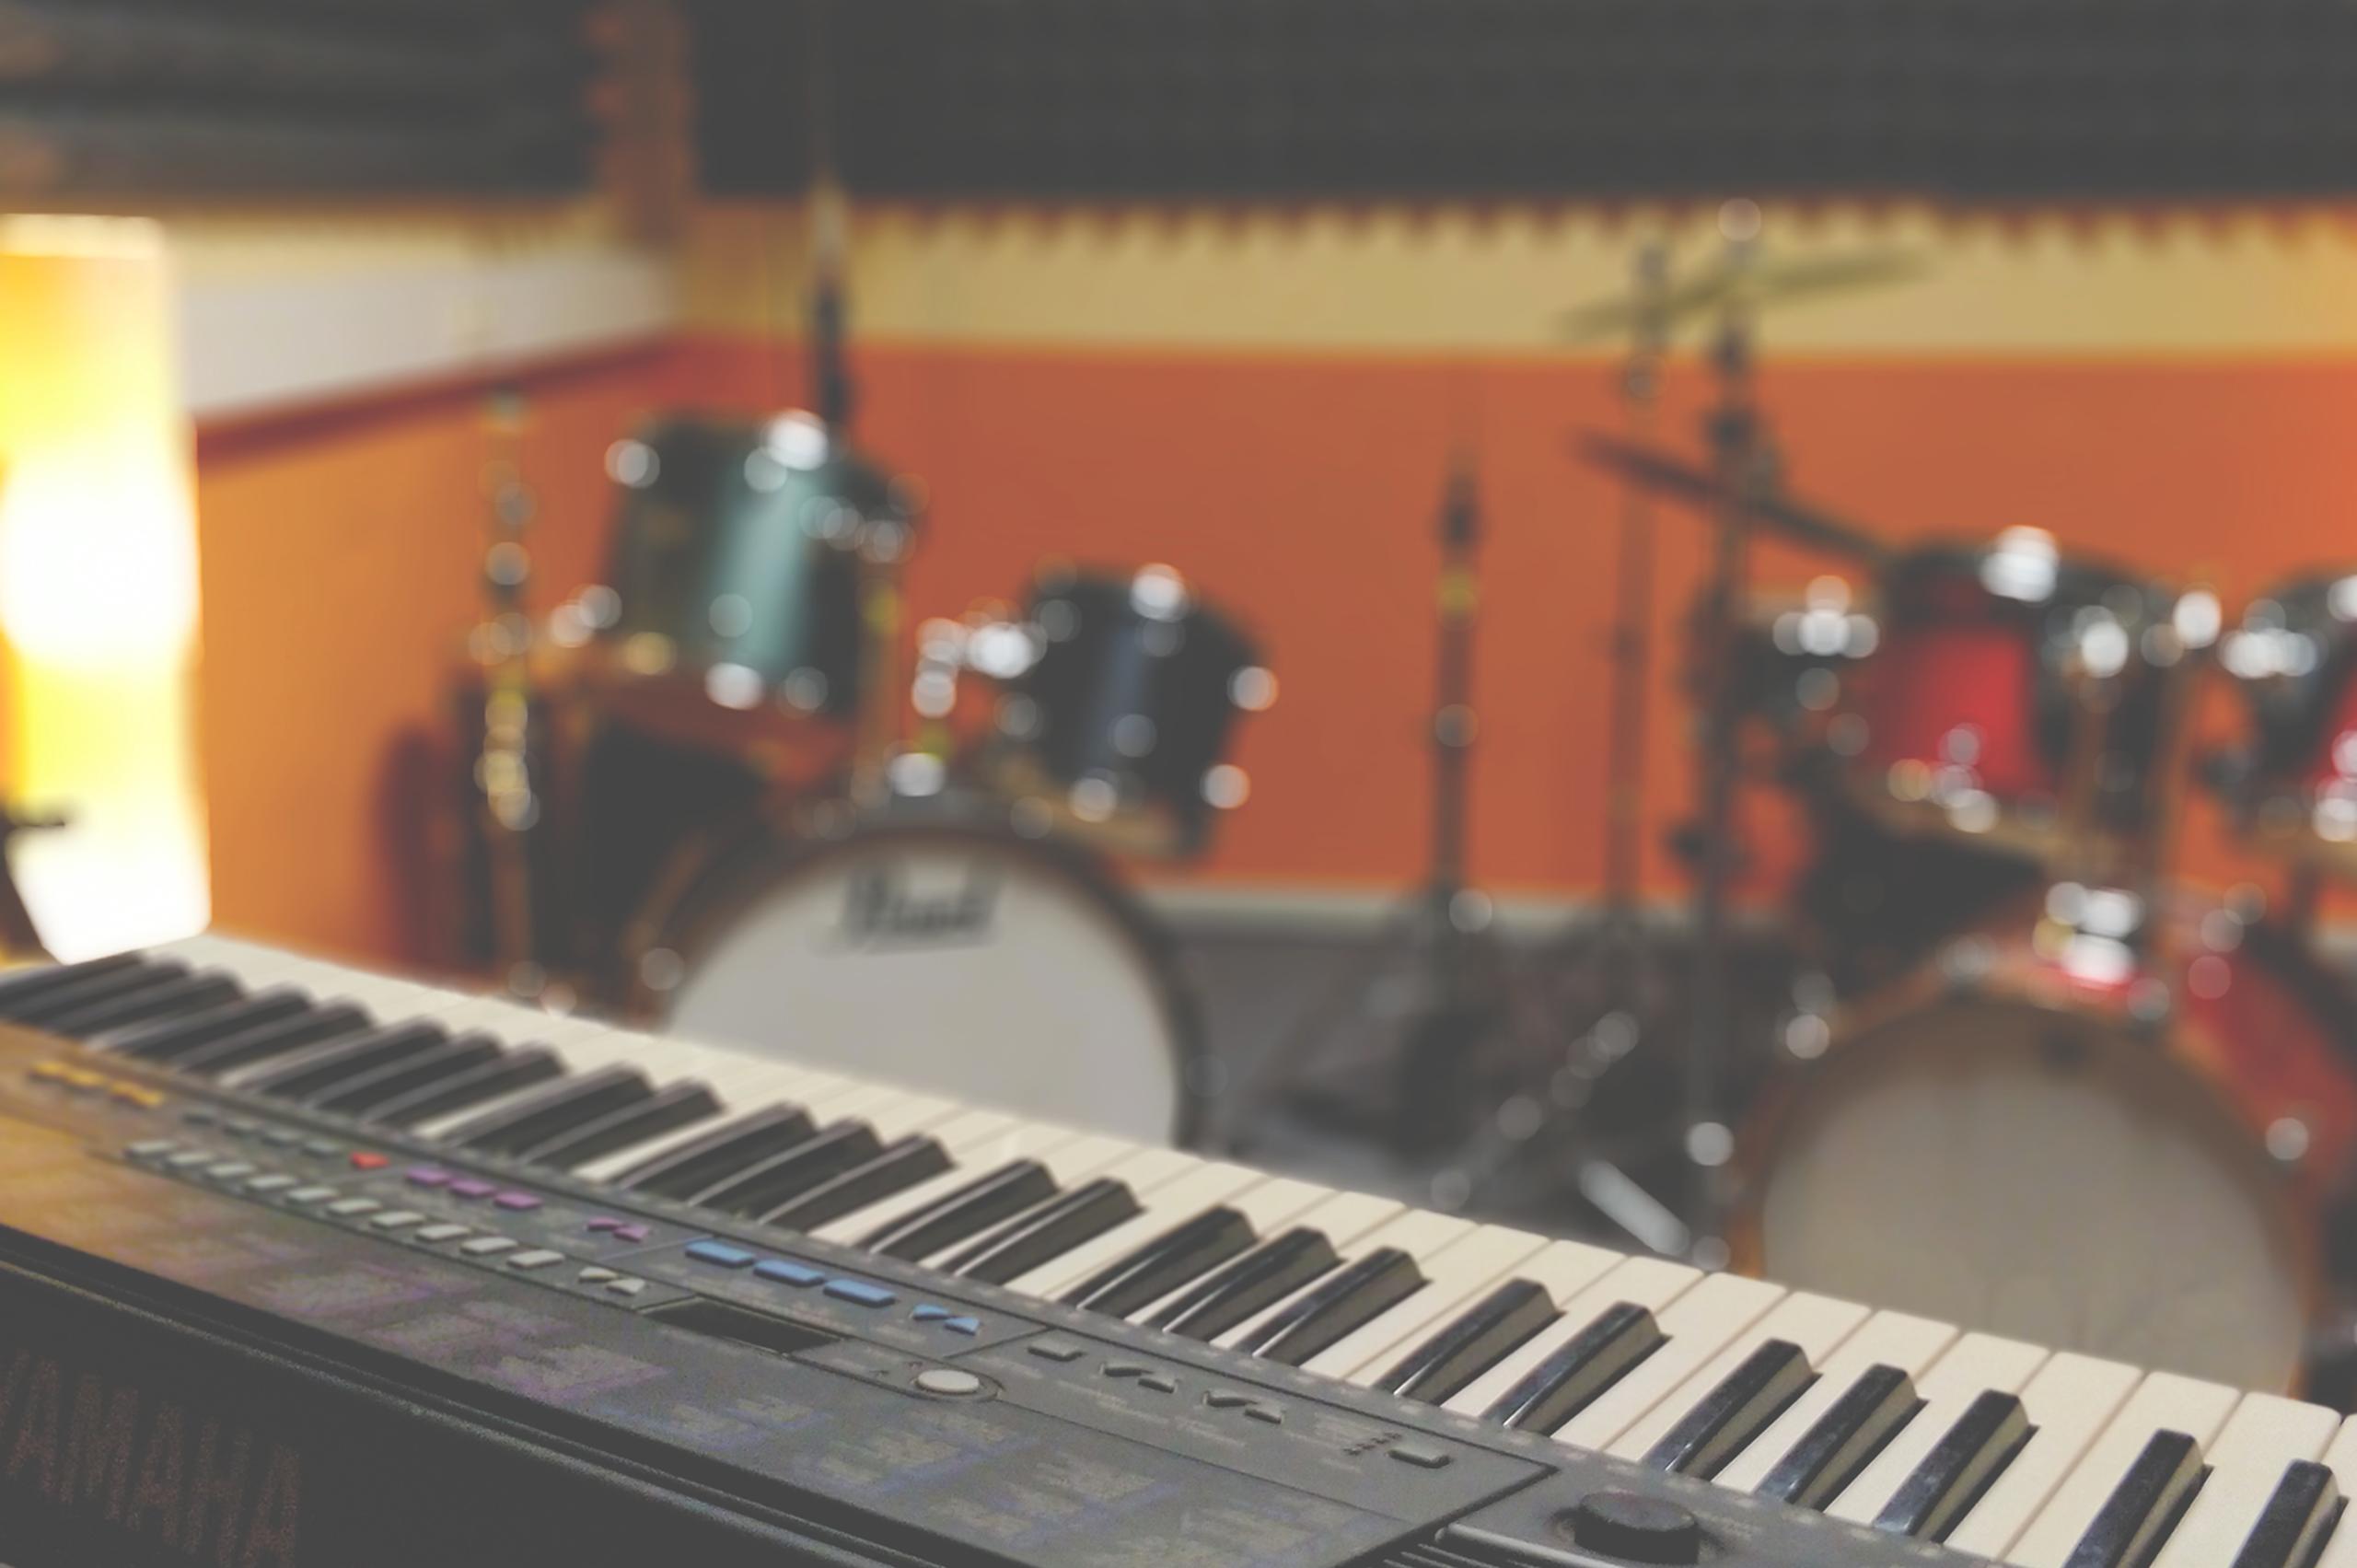 Foto eines Proberaumes mit einem keyboard im Vordergrund und zwei Schlagzeugen im Hintergrund.